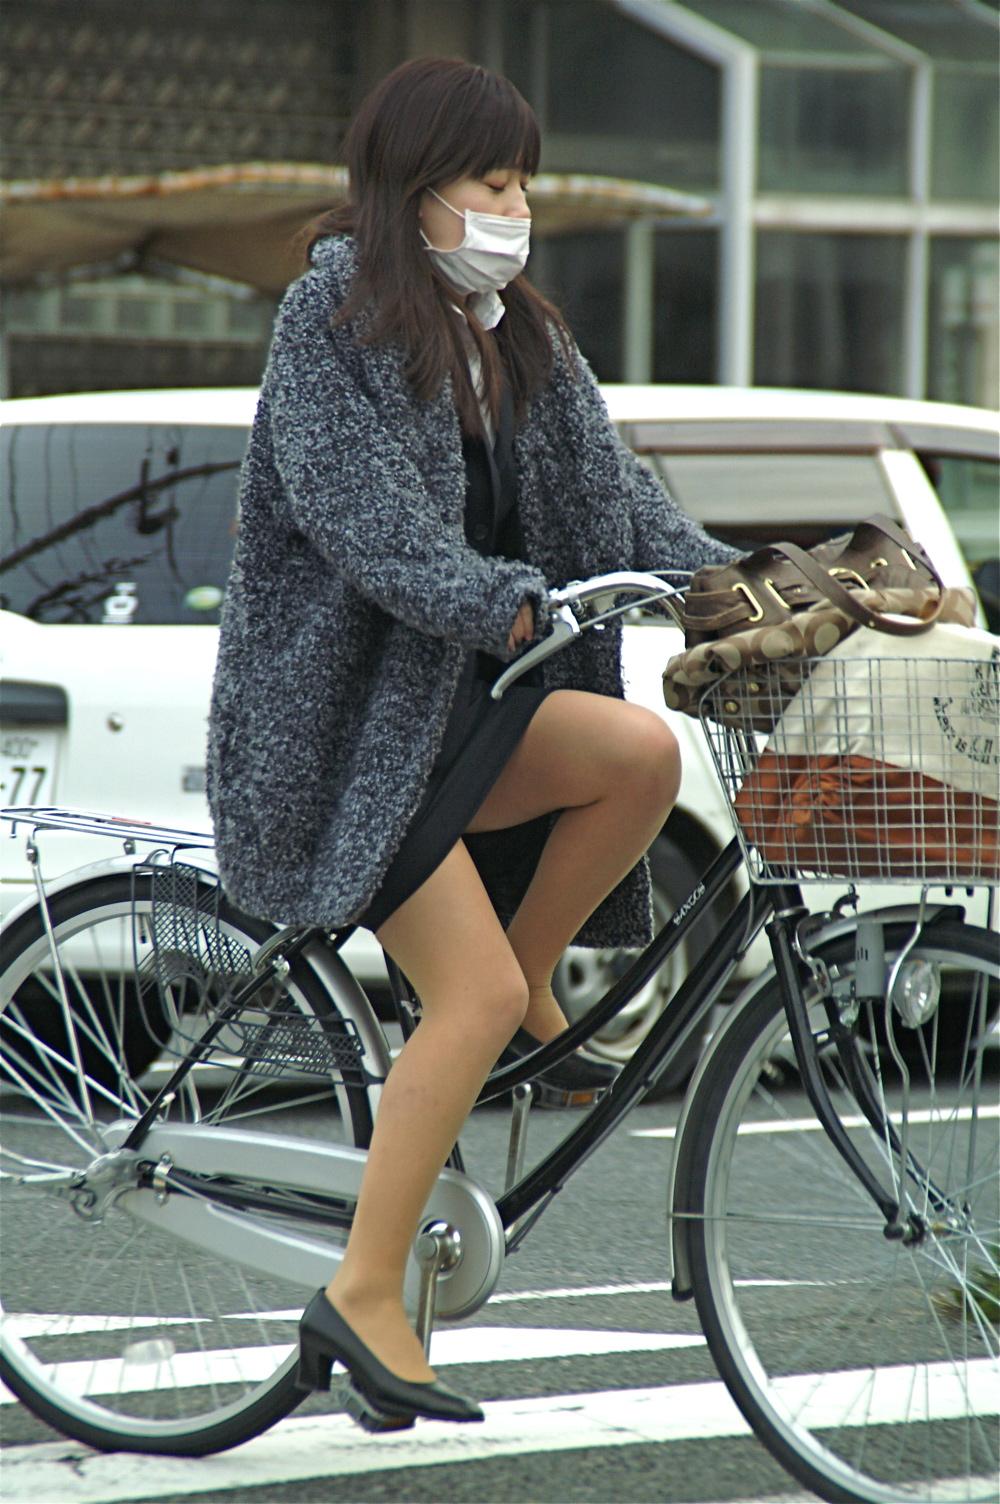 【街撮り自転車画像】おいサドル、代われ!と思ってしまいそうな自転車上の女尻 15